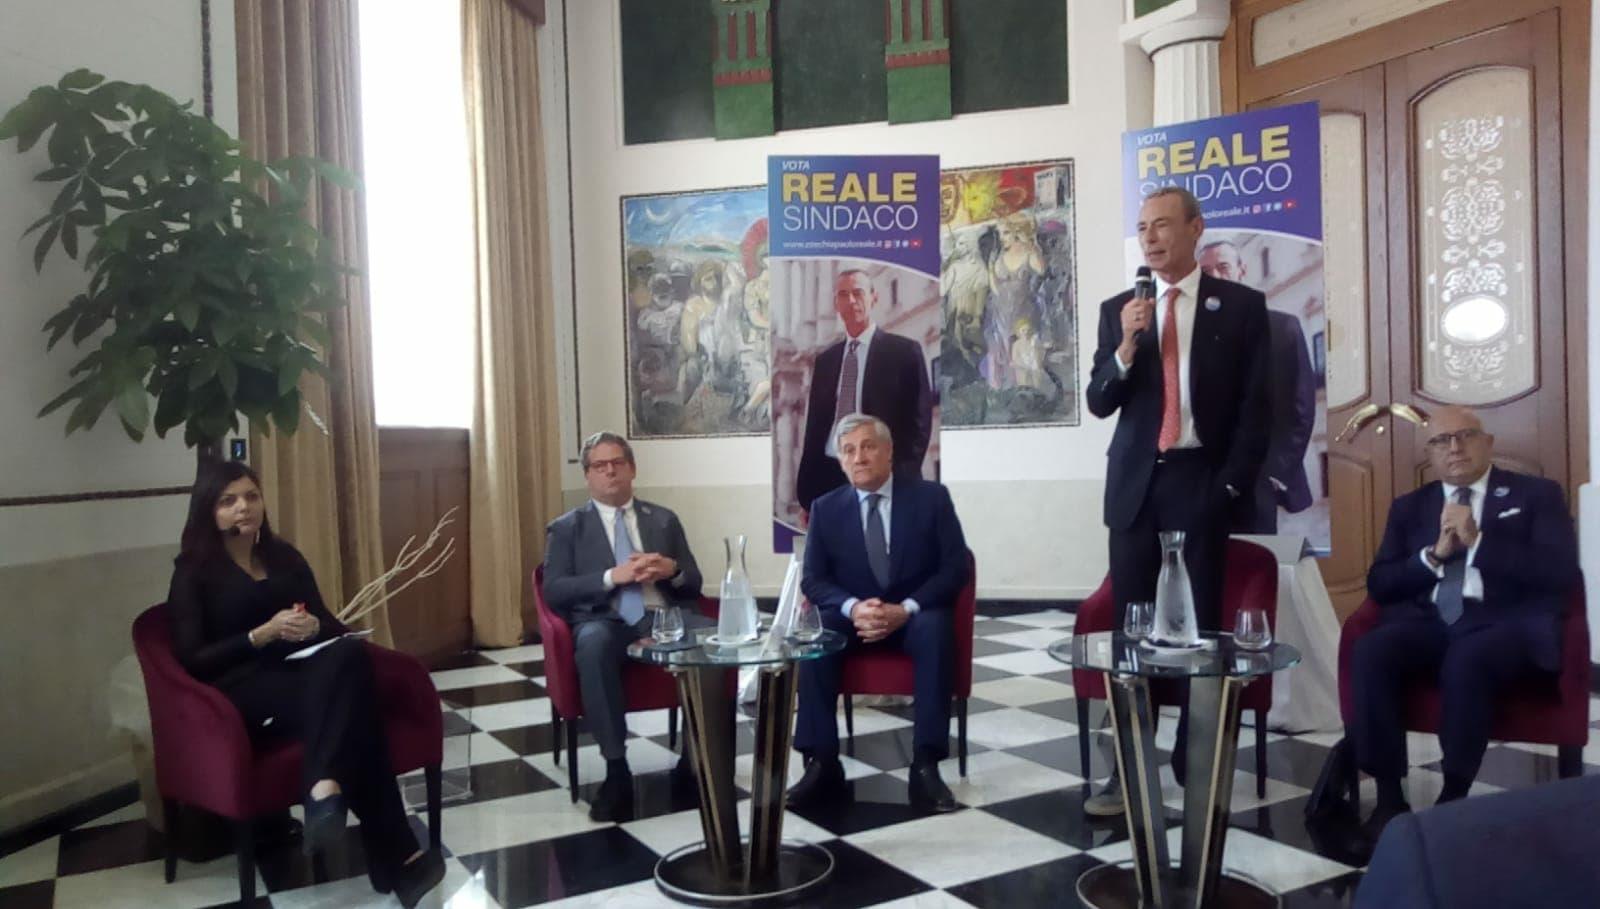 Giornata di incontri importanti ieri per ezechia paolo for Parlamento ieri